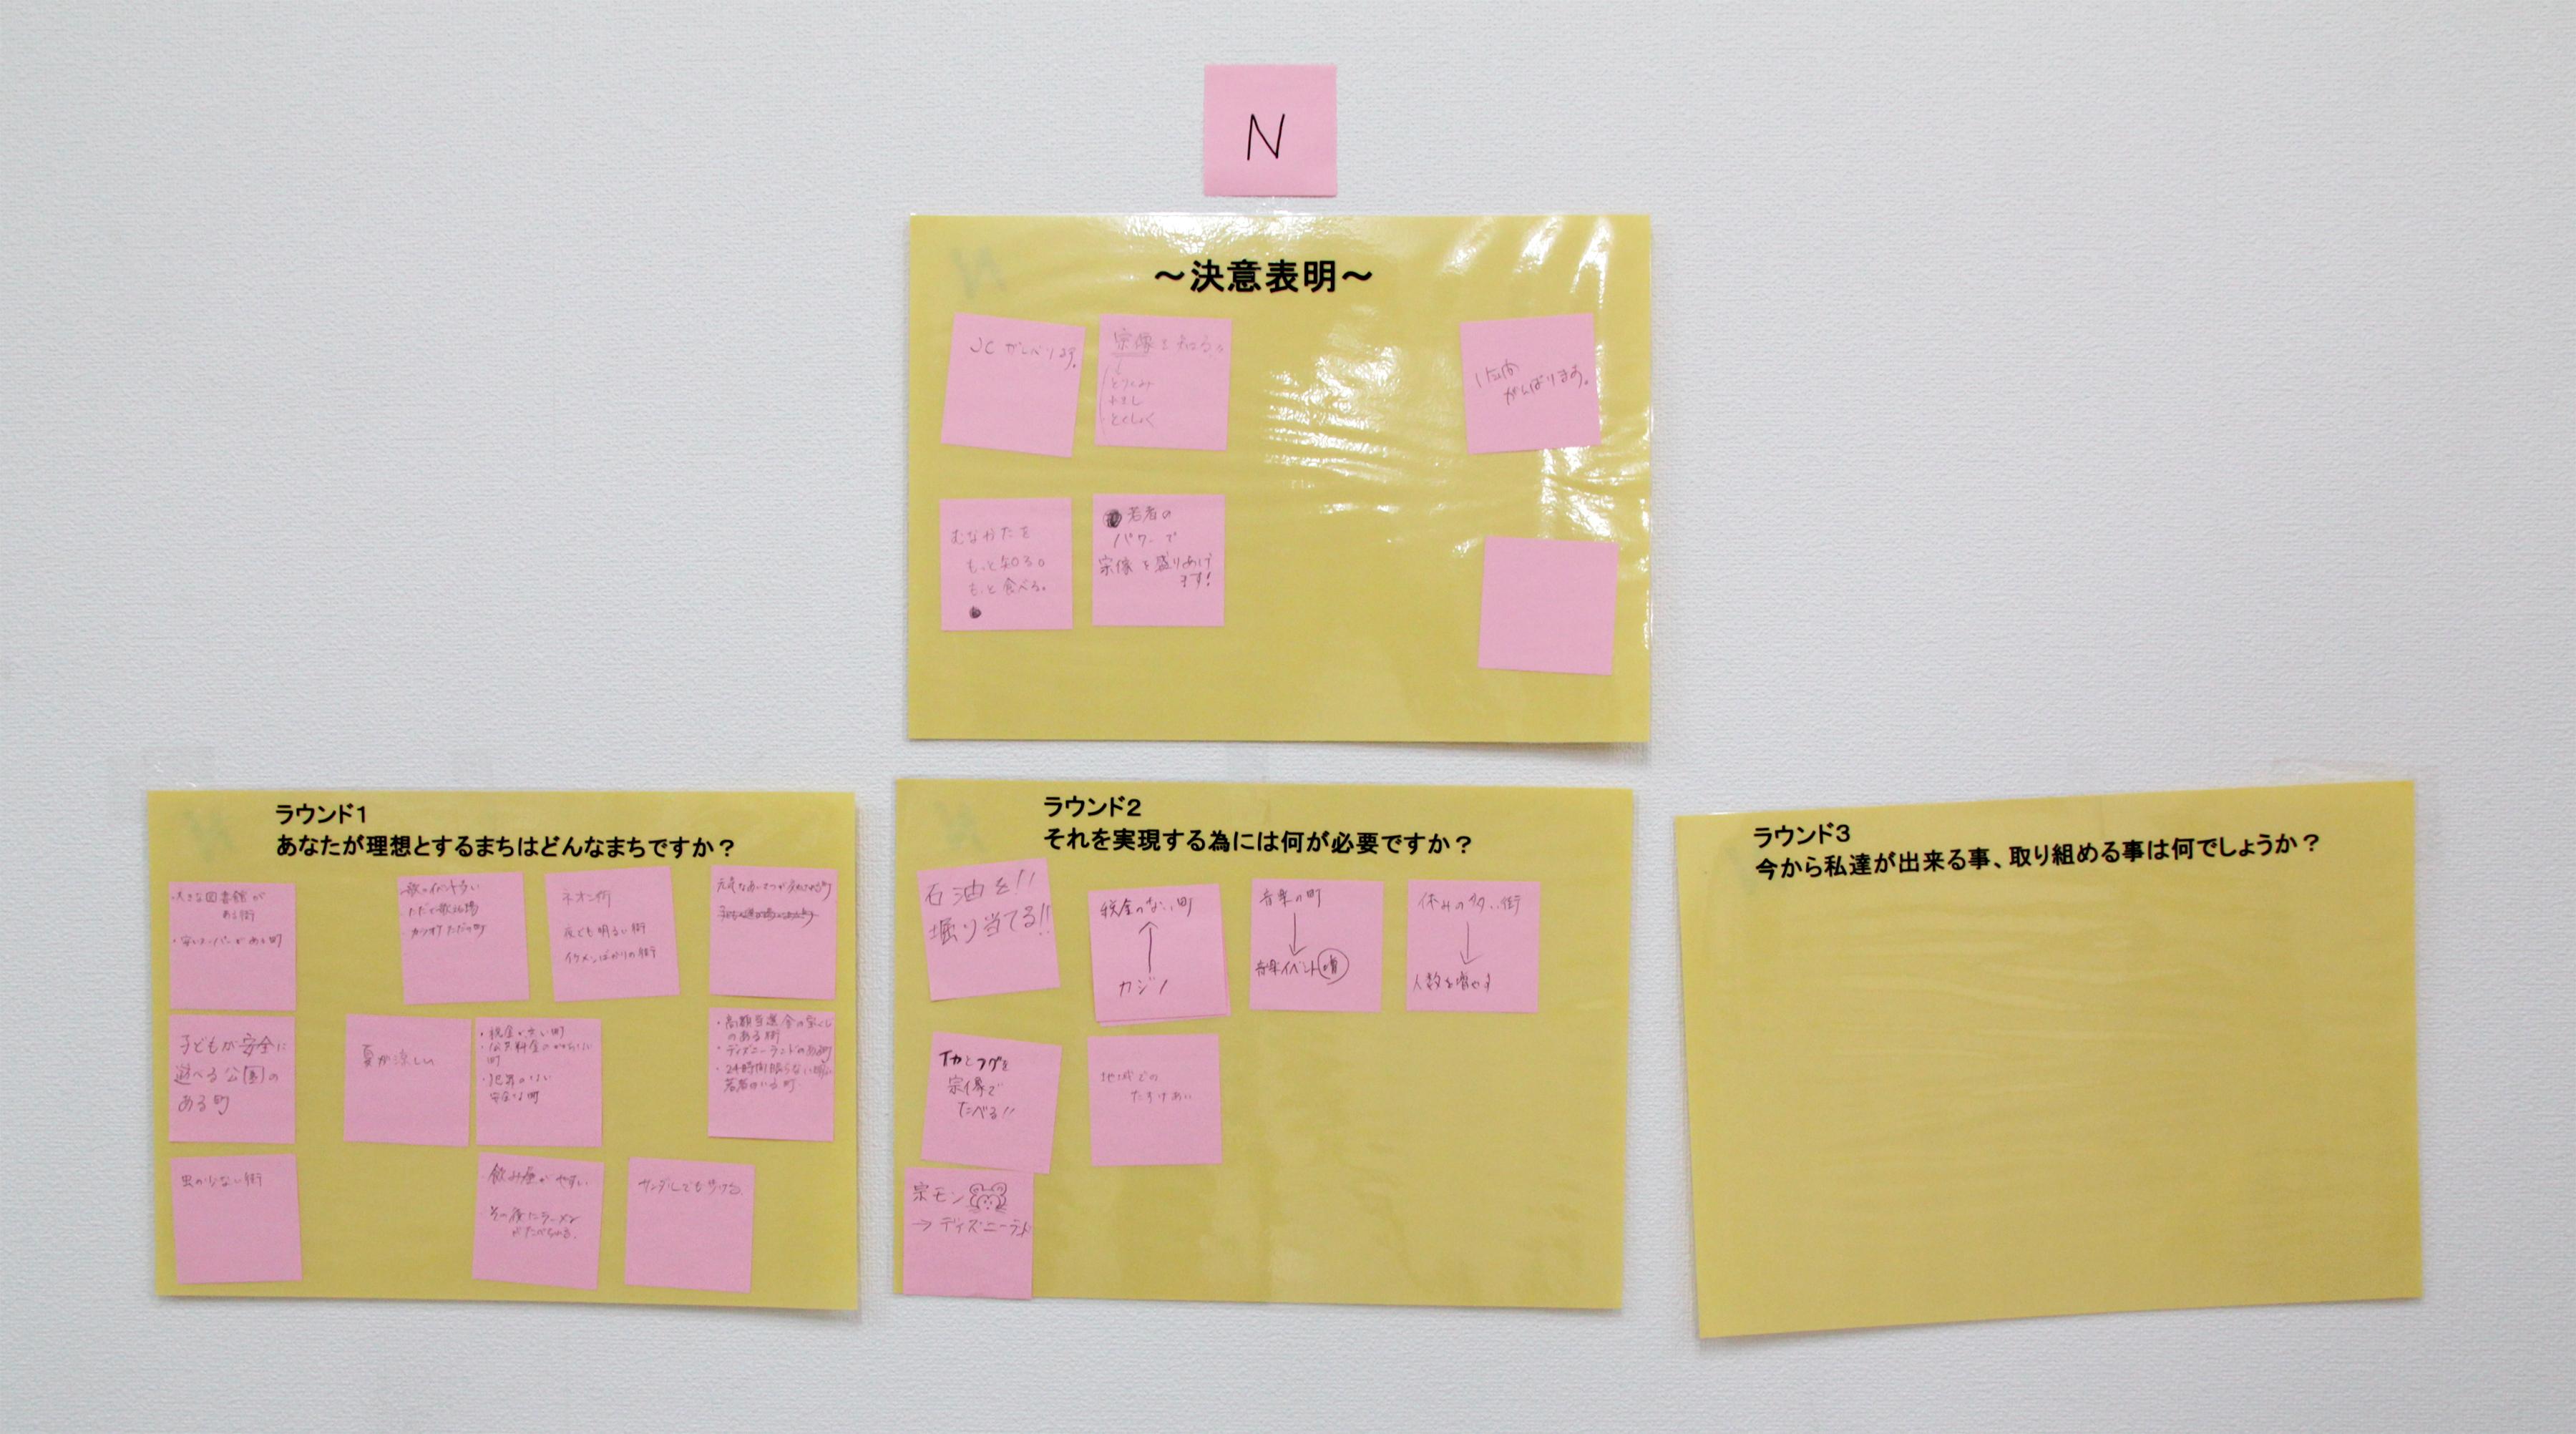 http://www.munakatajc.com/active/2013101723.jpg